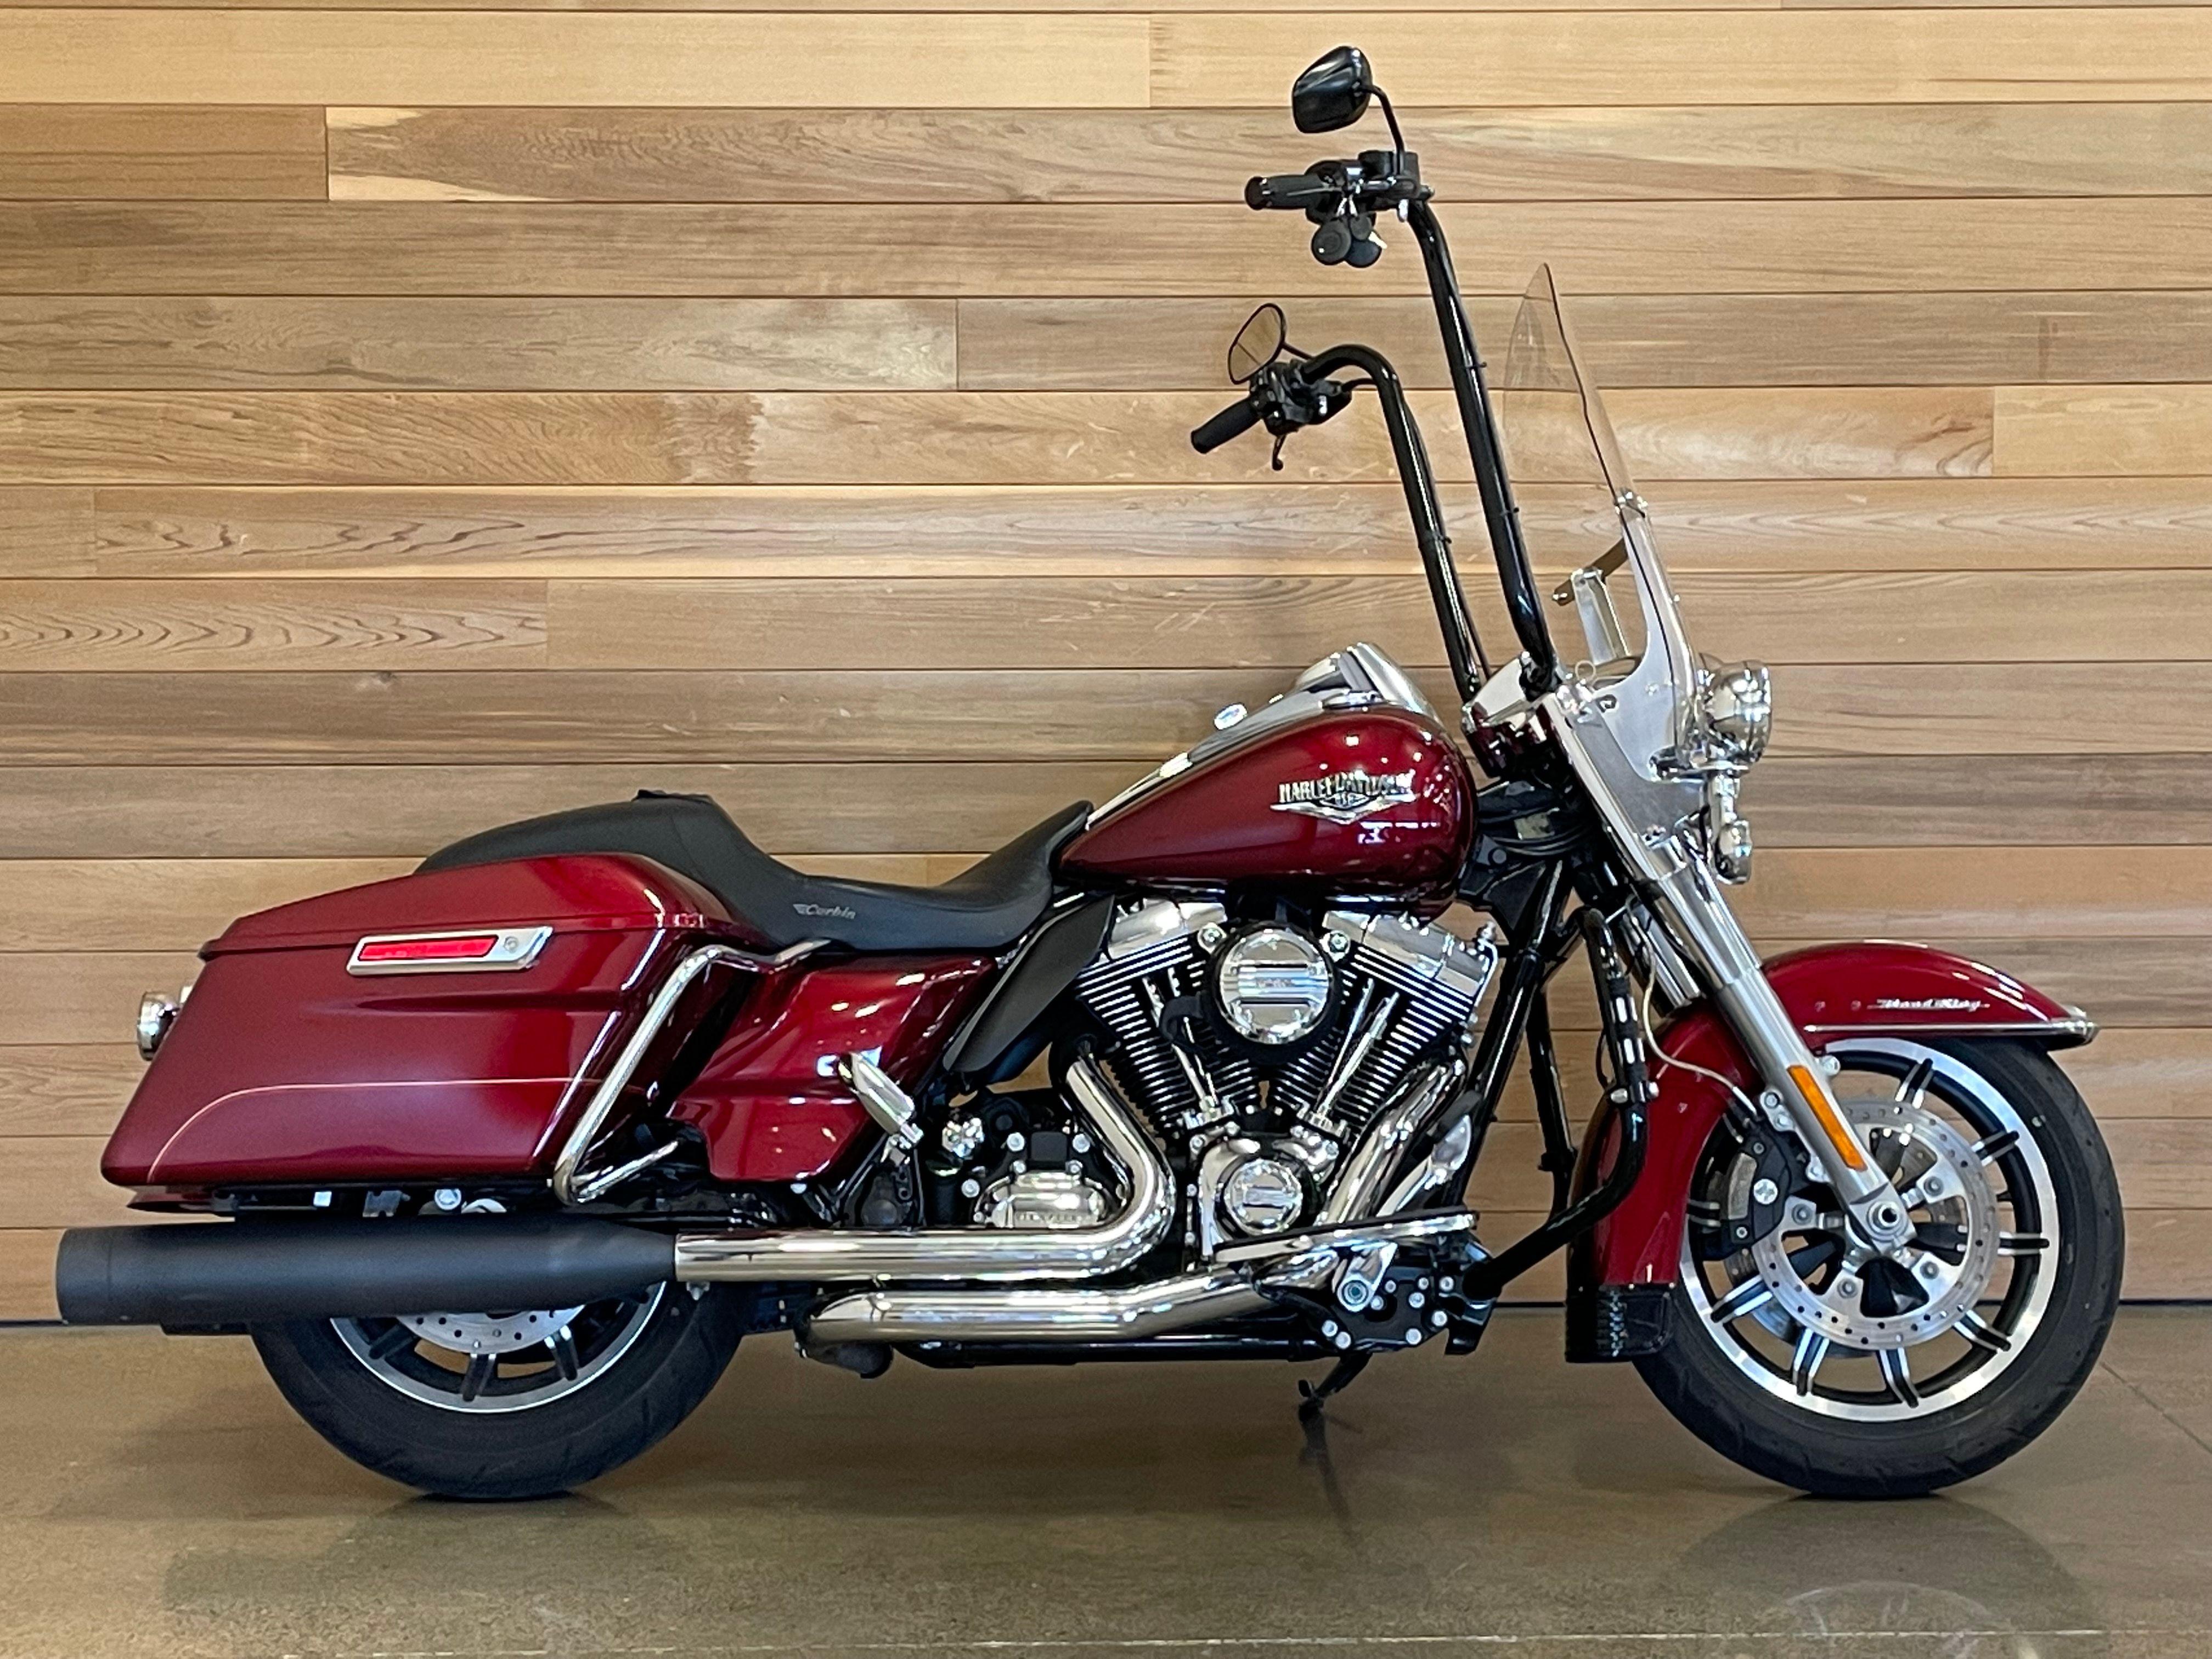 Pre-Owned 2016 Harley-Davidson Road King FLHR